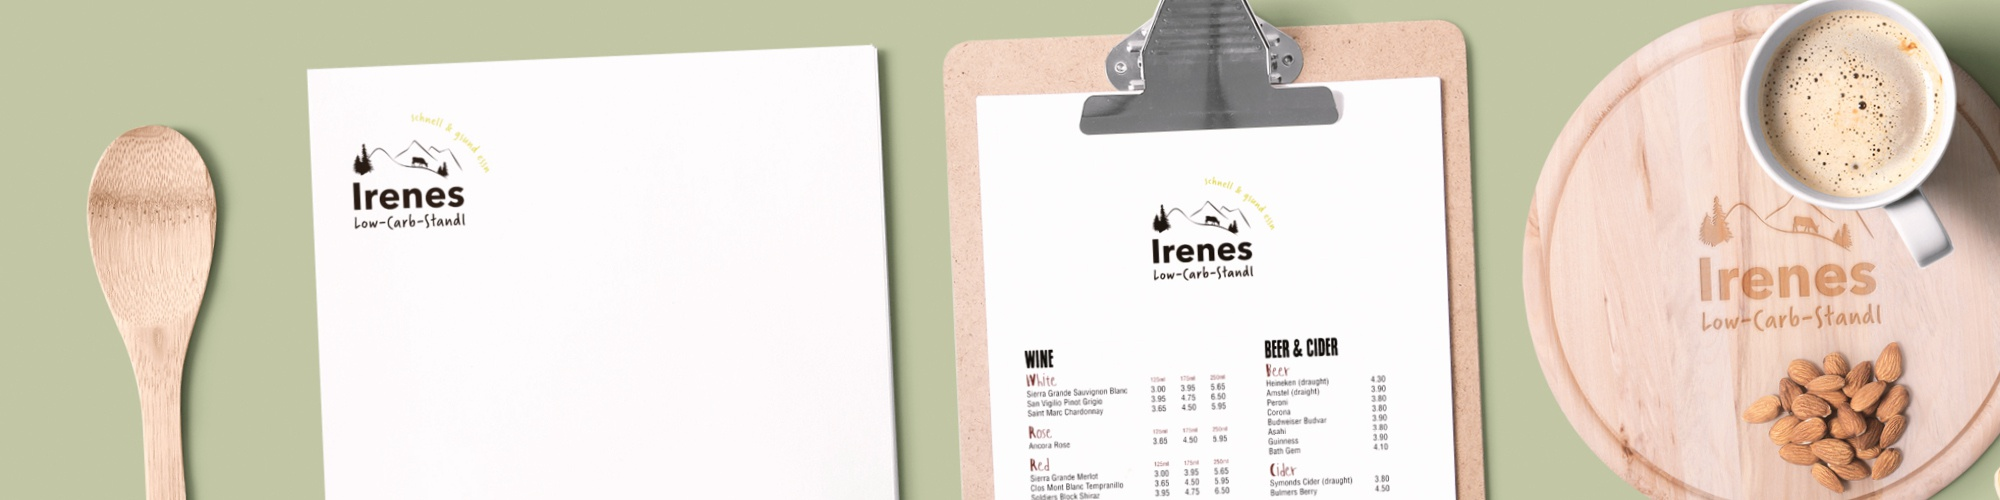 Irenes LowCarb Standl: Neuentwicklung Logo, Corporate Design-Guidelines, Geschäftsausstattung, Powerpoint-Master, Schilder,Visitenkarten, Aufkleber, Idee-Entwicklung zu Verpackungsformen und Logoverwendung, Gestaltung Imbiss-Wagen